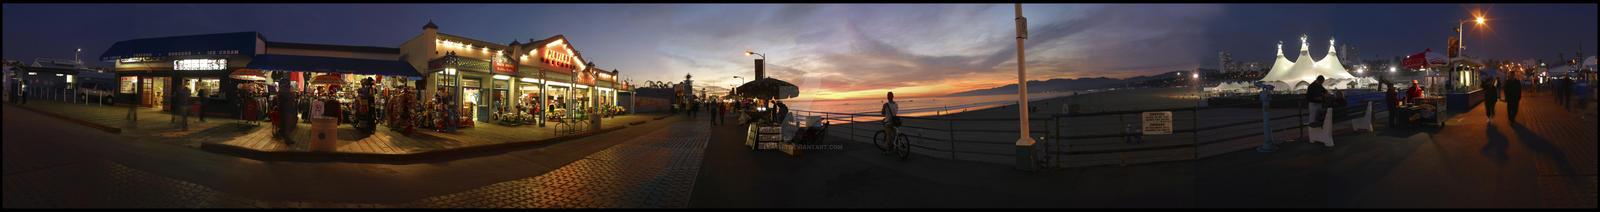 Santa Monica Pier by Leathj